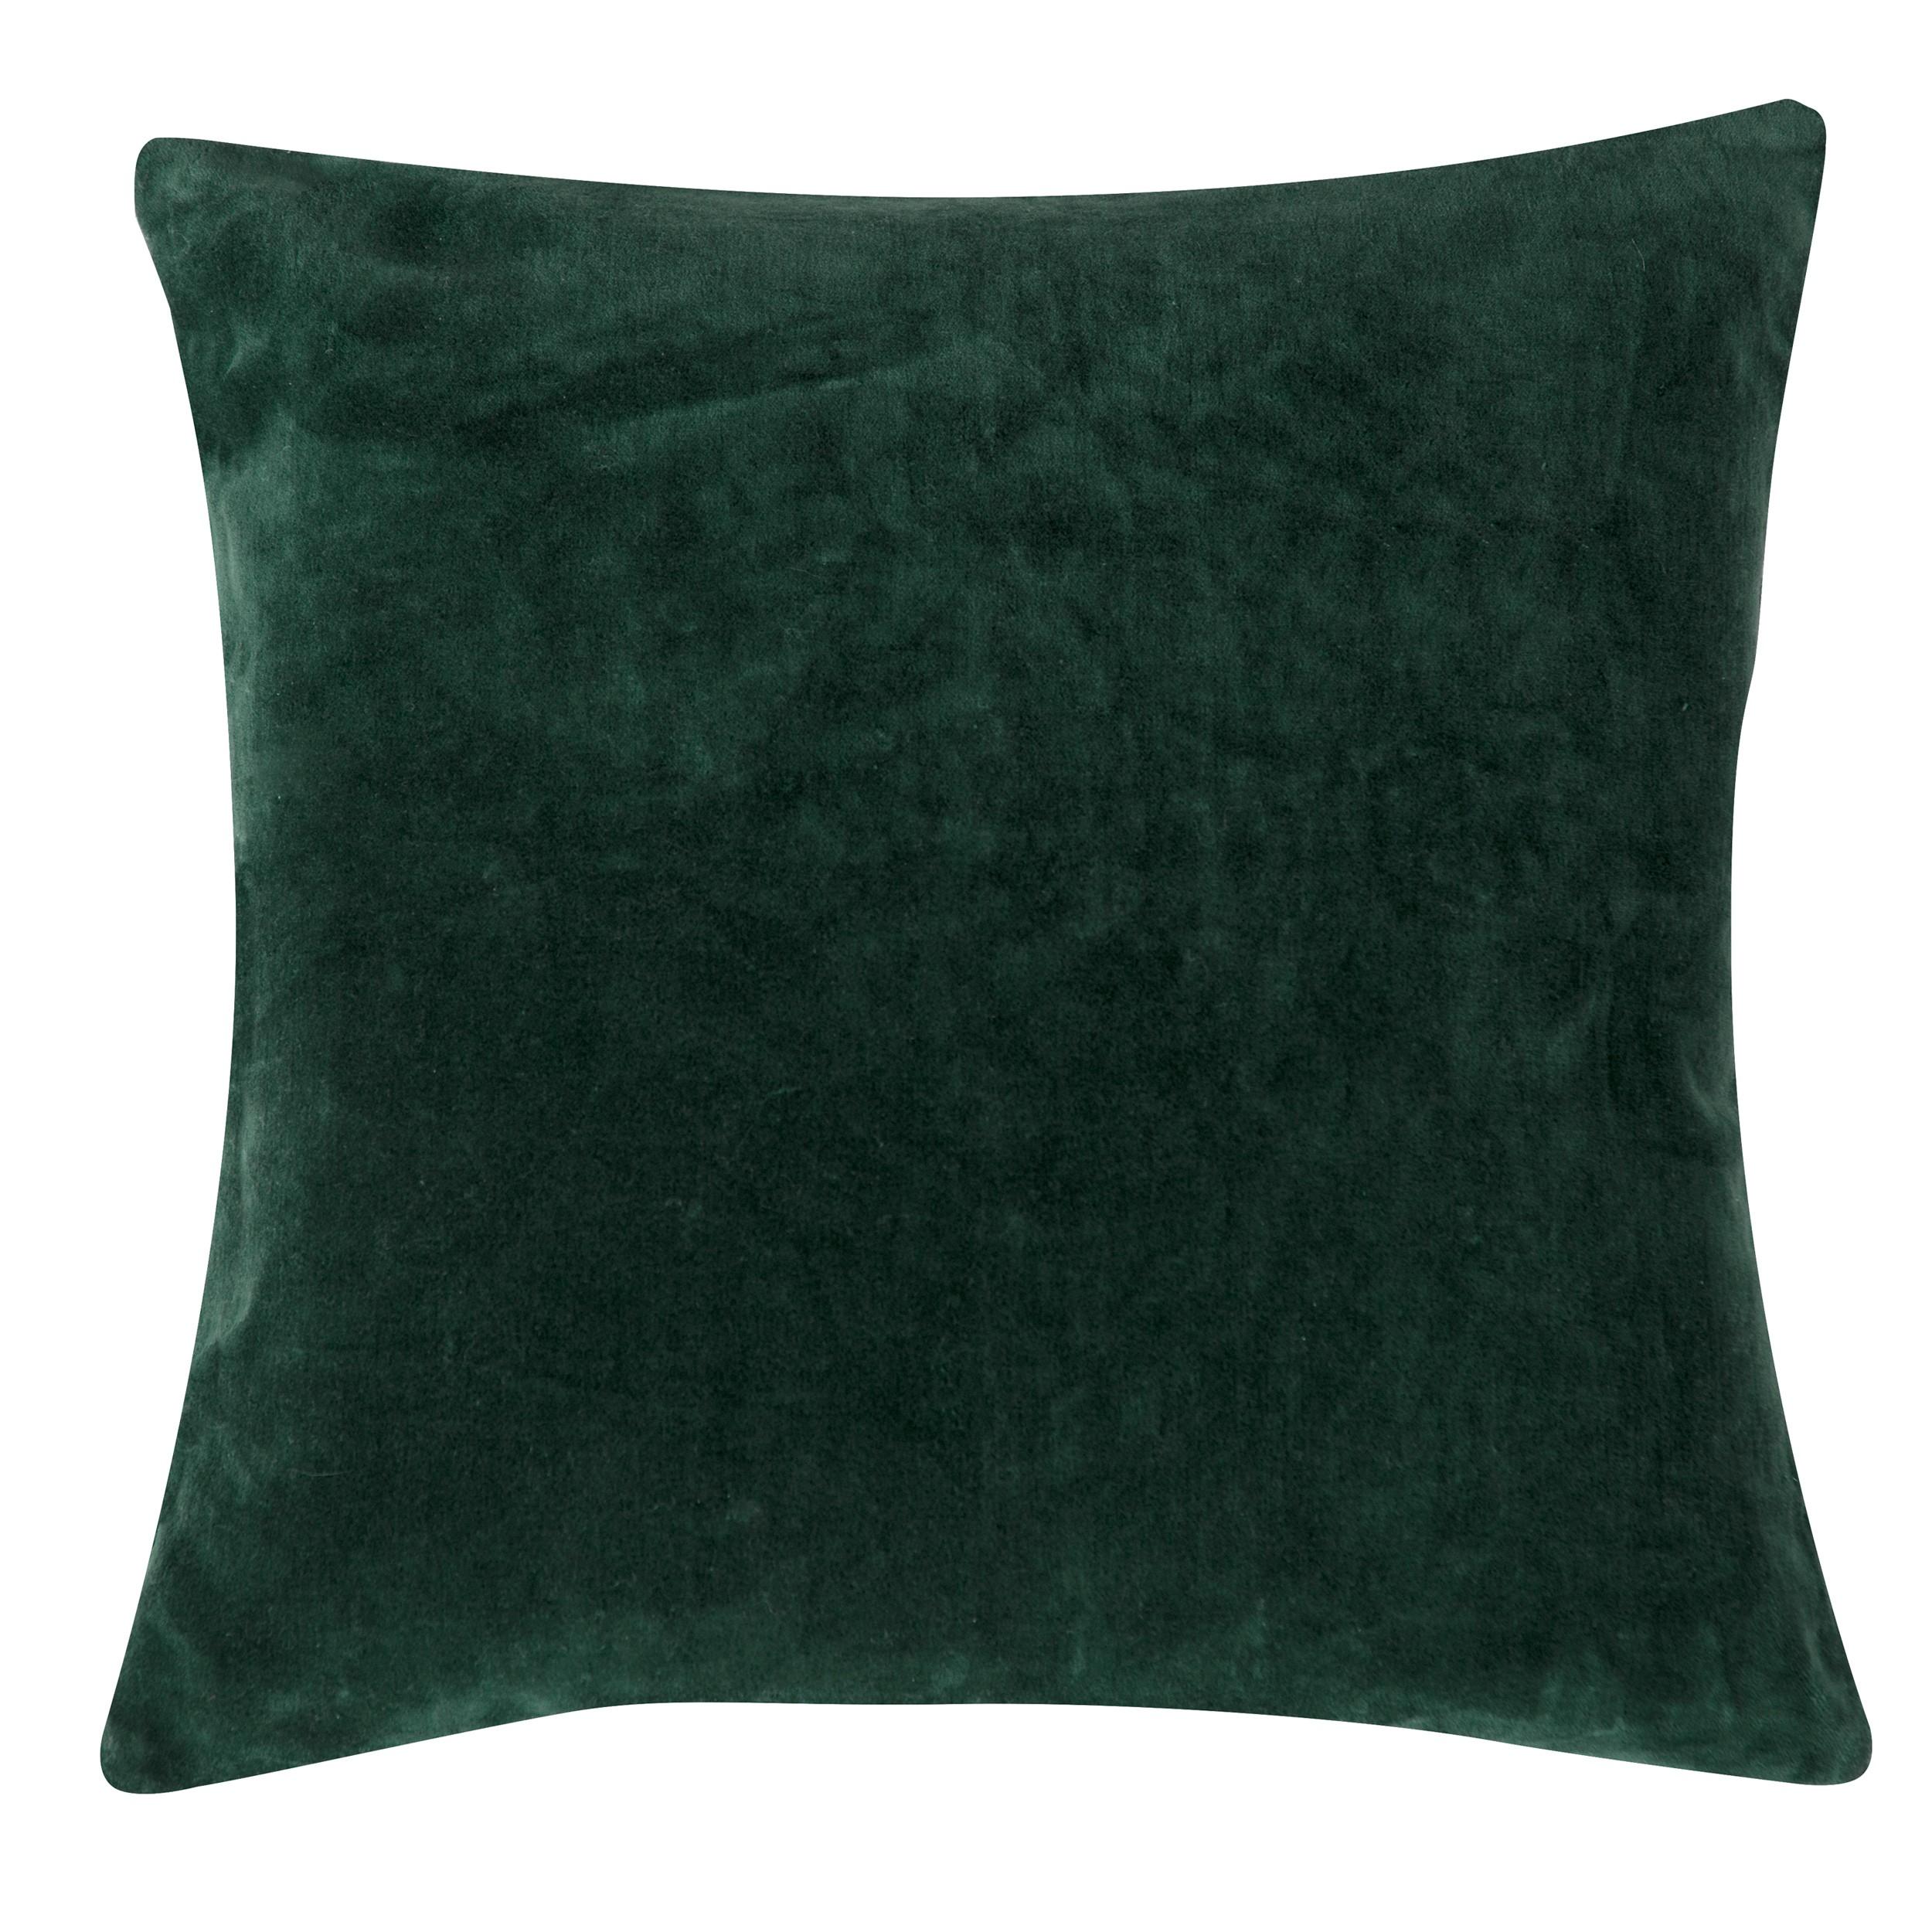 acheter coussin vert sapin velours